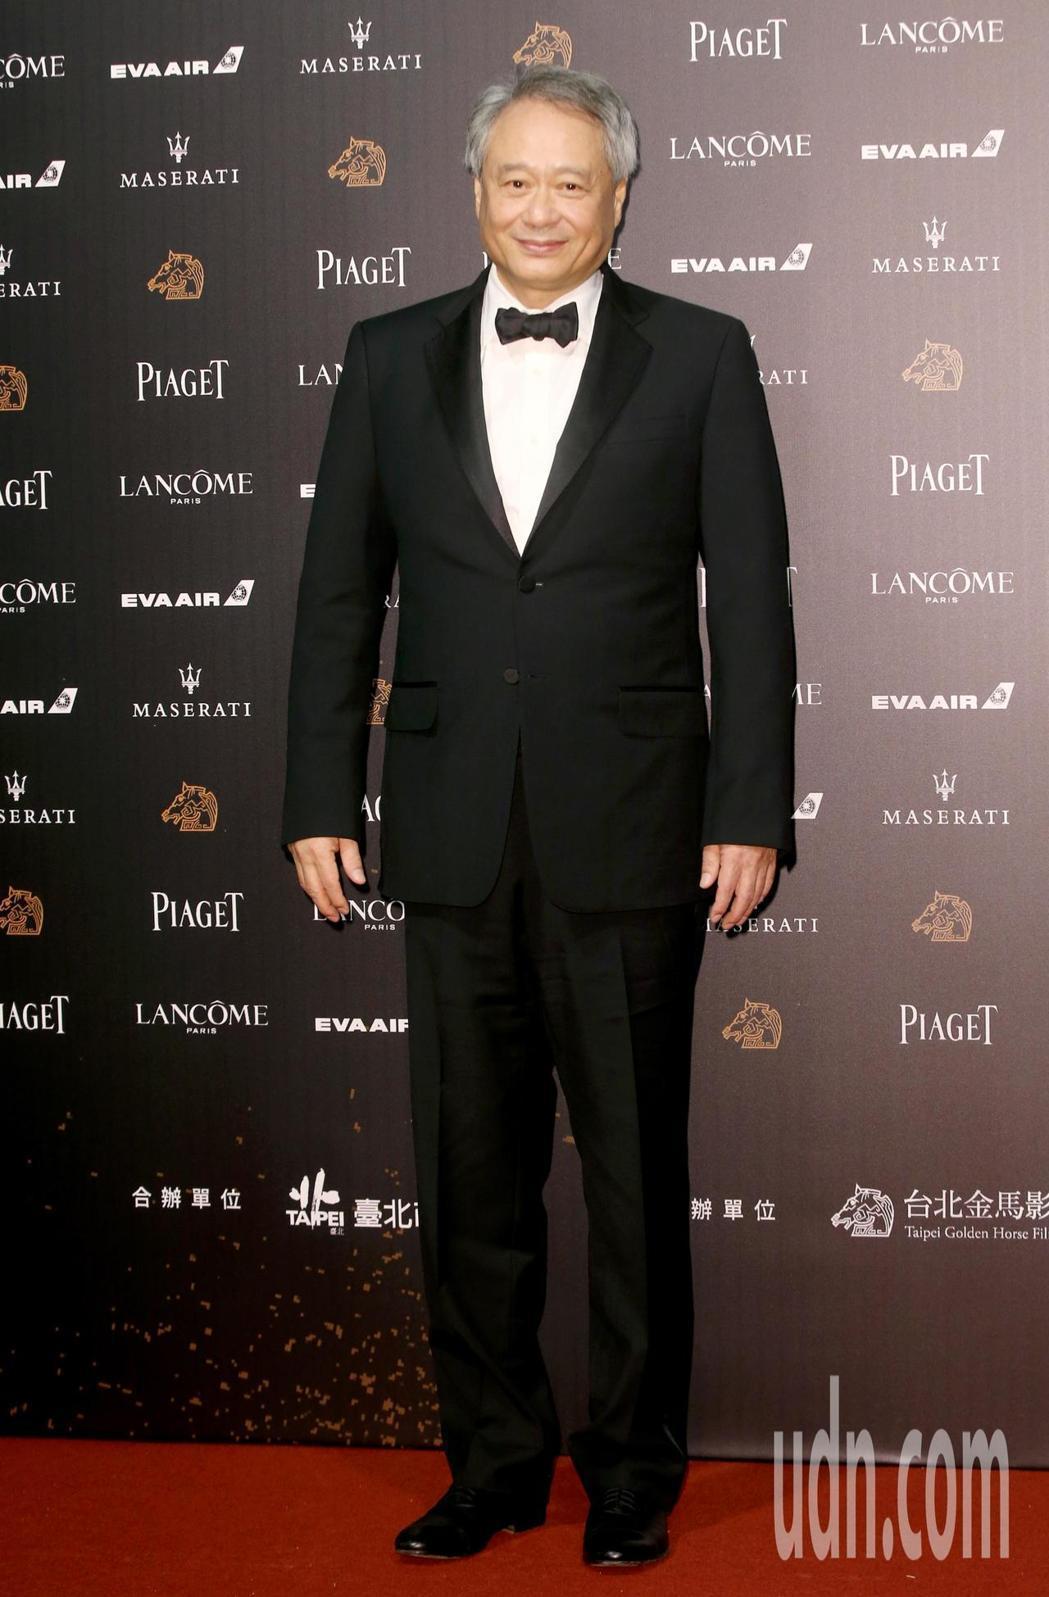 李安擔任金馬執委會主席,今年也將會再度出席金馬獎頒獎典禮。記者鄭清元/攝影